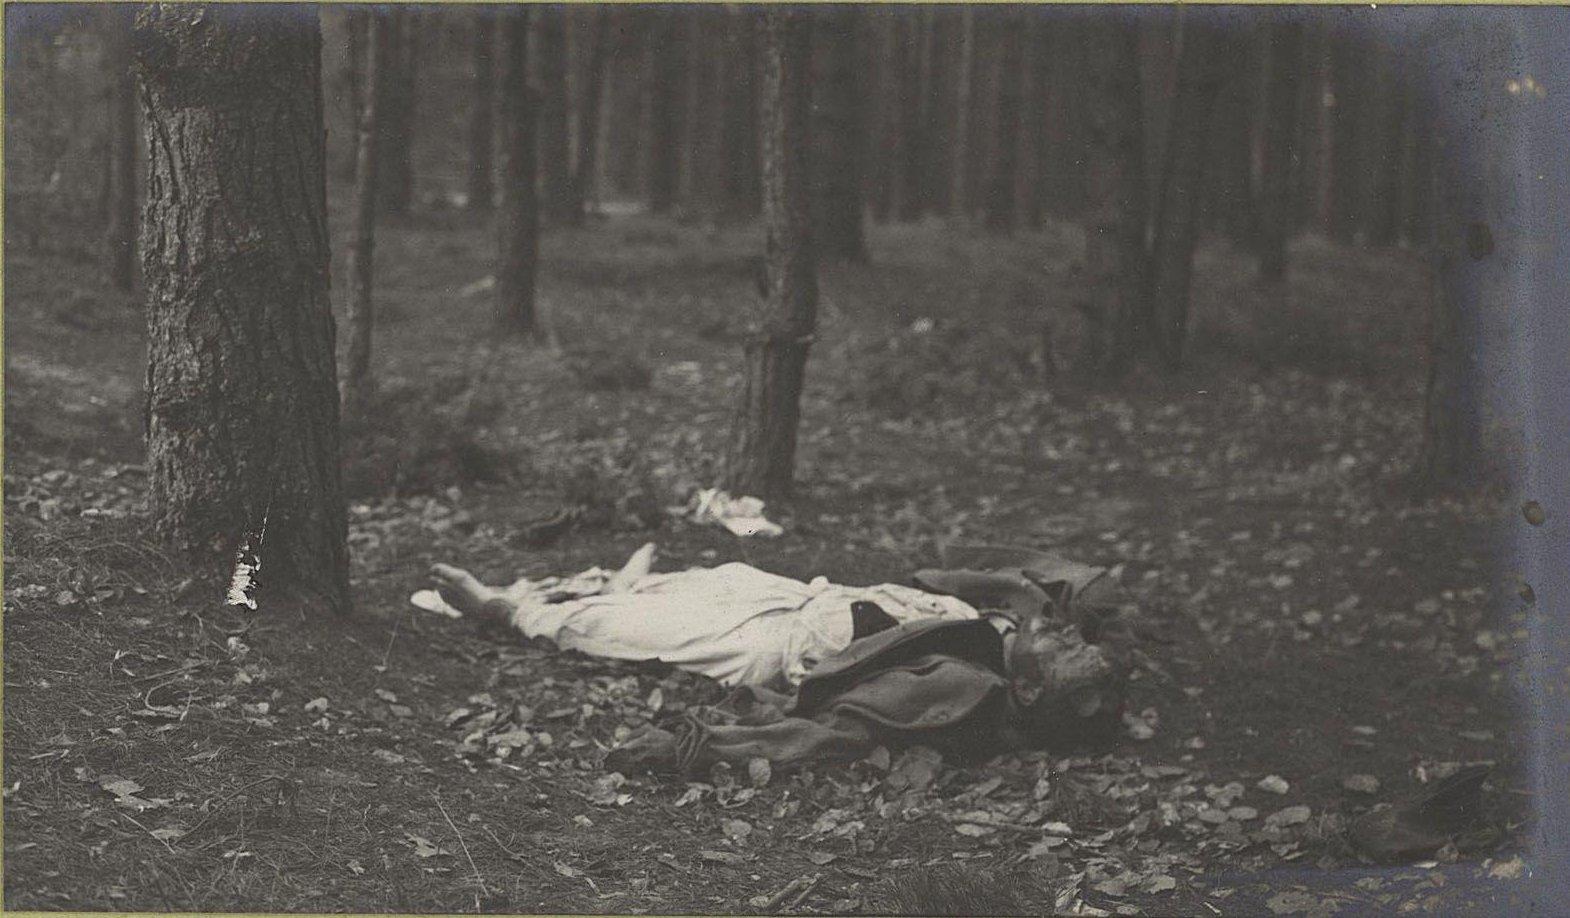 131. Трупы австрийцев нижних чинов, погибших при отступлении германцев от Вислы, в Августовском лесу у Козениц